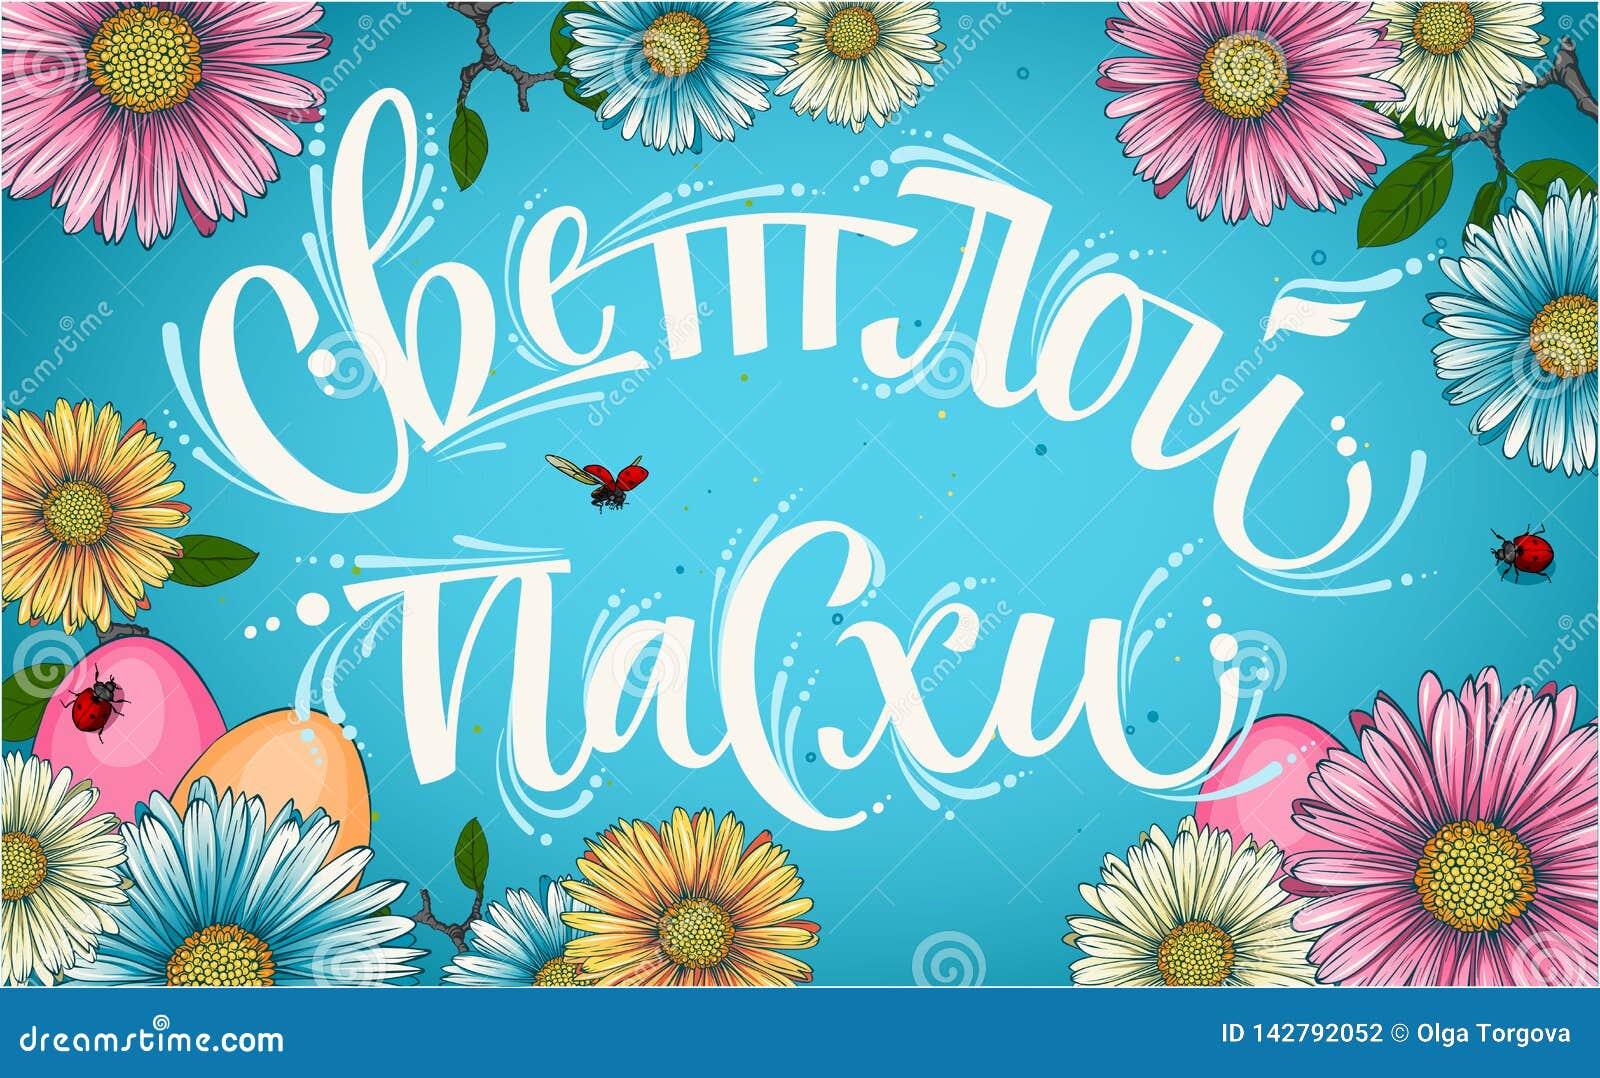 De gelukkige cyrillische kalligrafie van Pasen met bloemenelementen